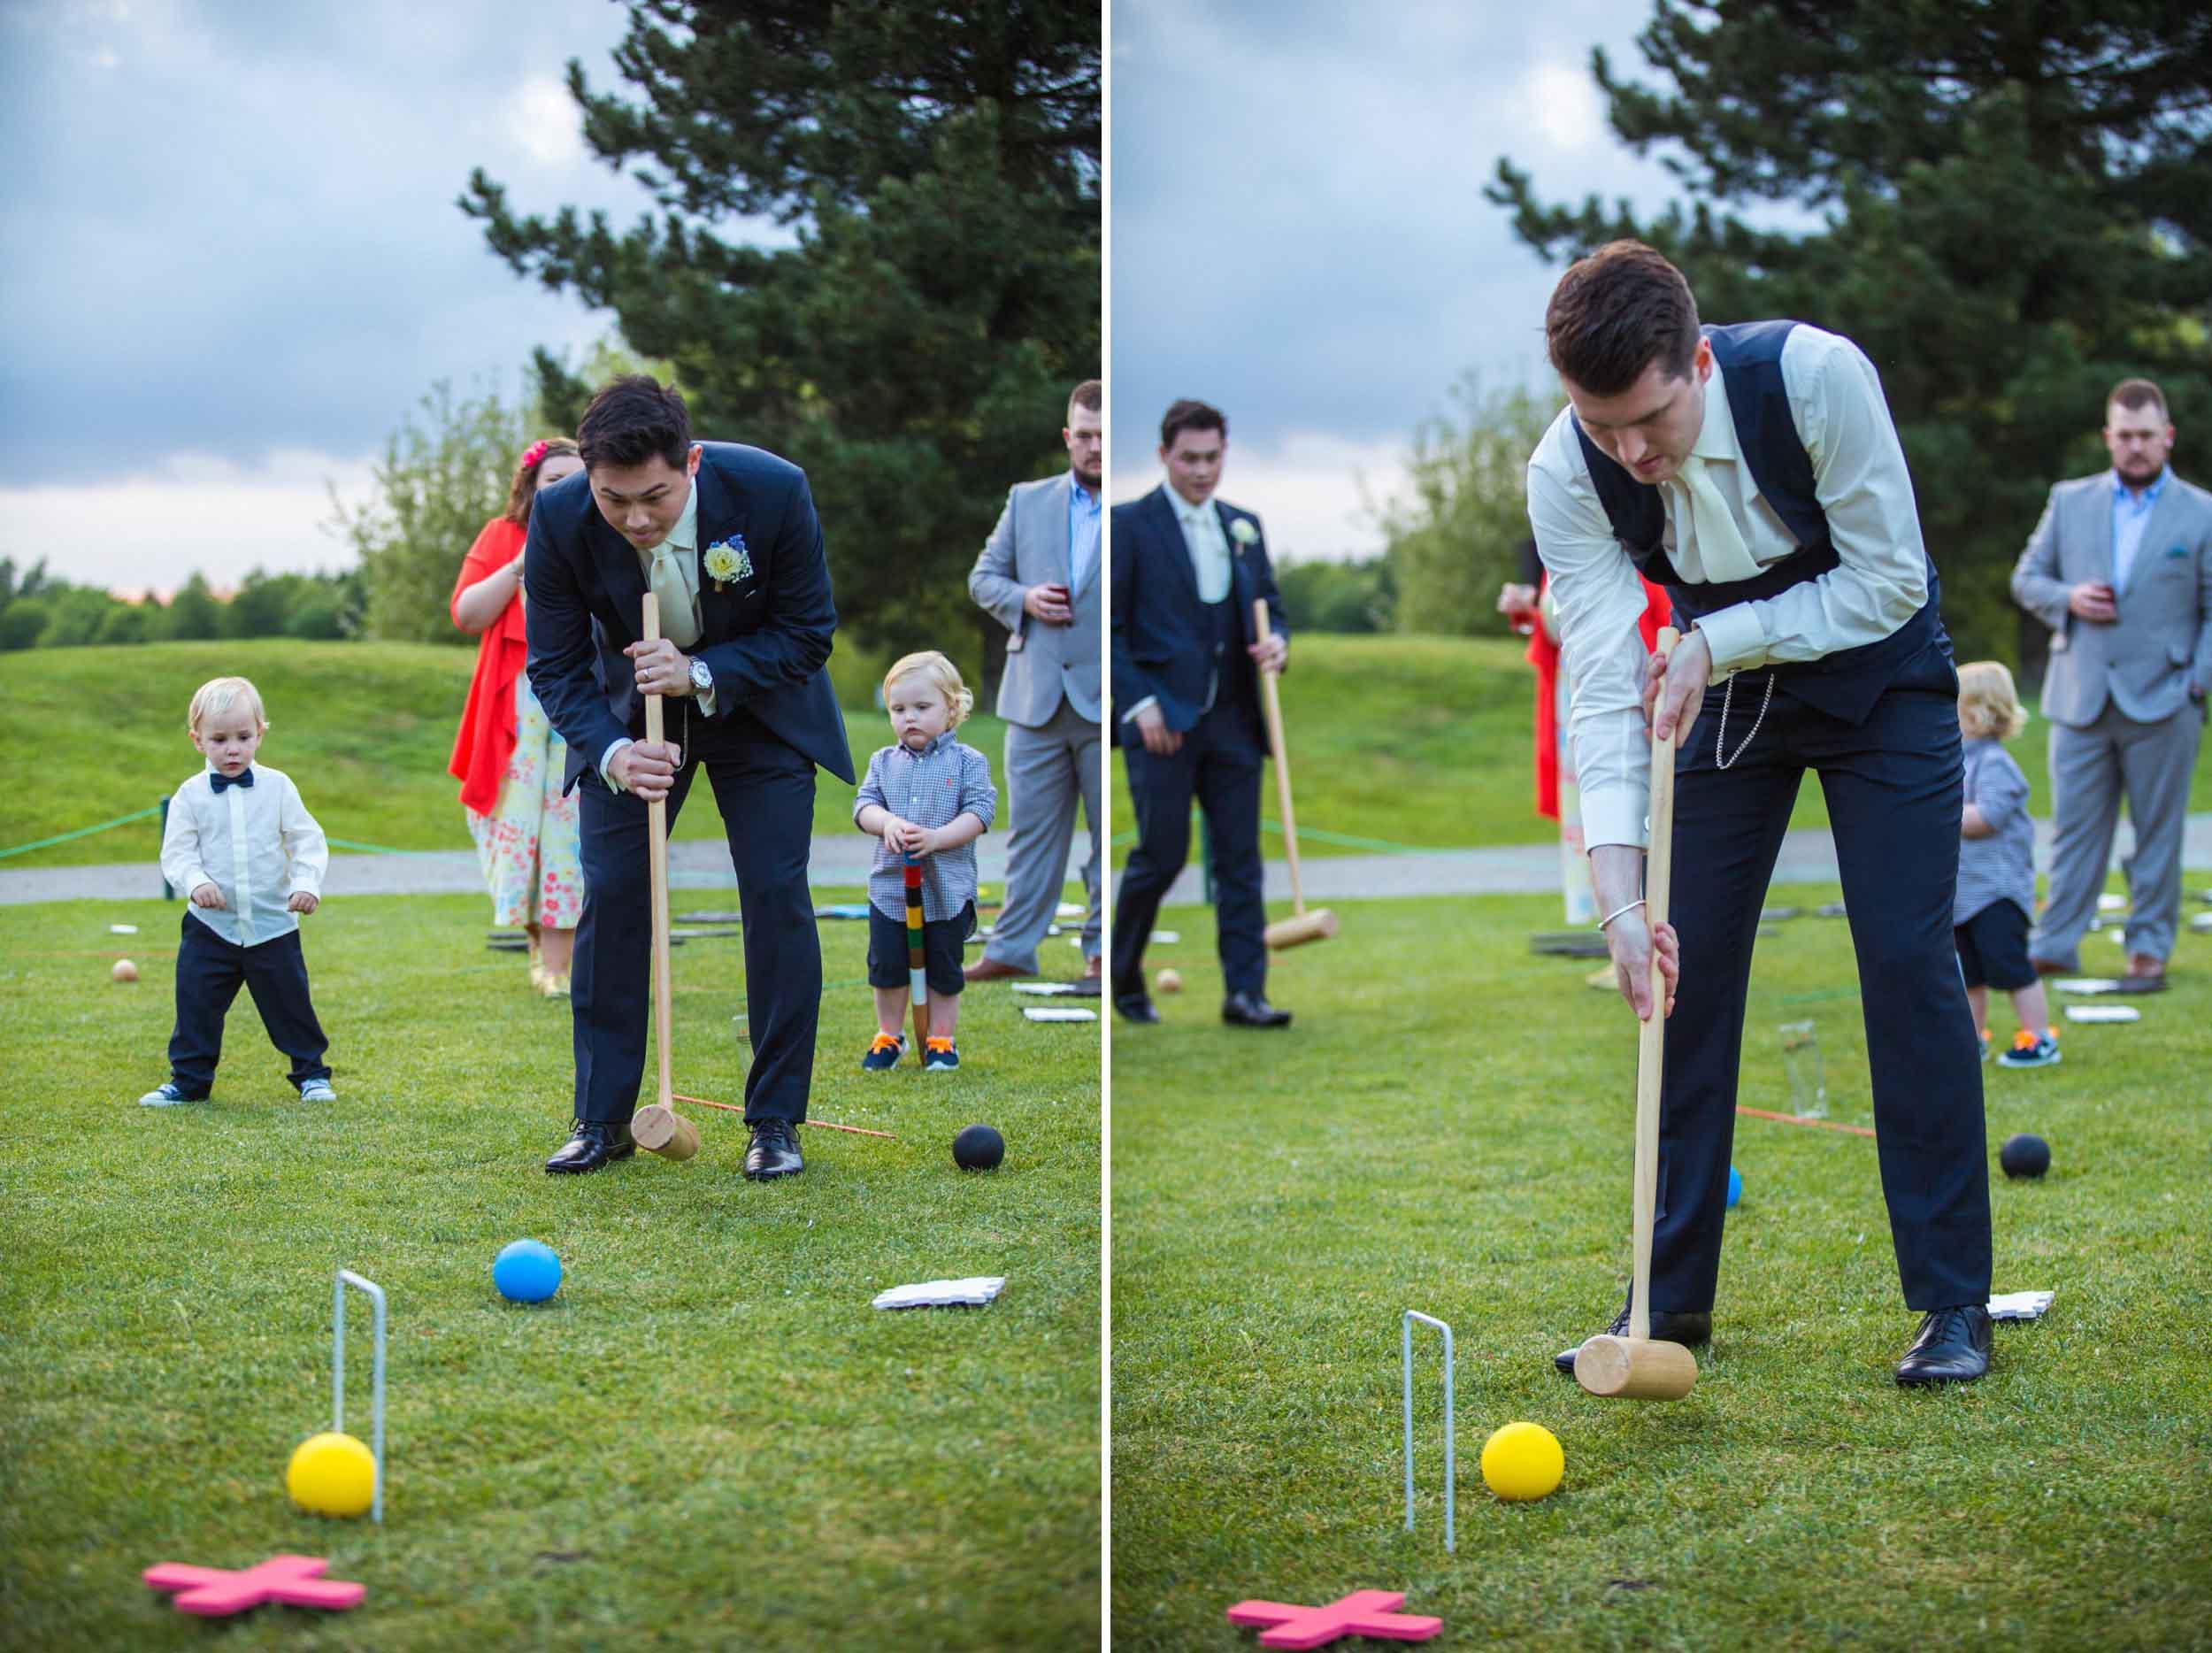 Essex-Golf-Club-Earls-Colne-Wedding-68.jpg